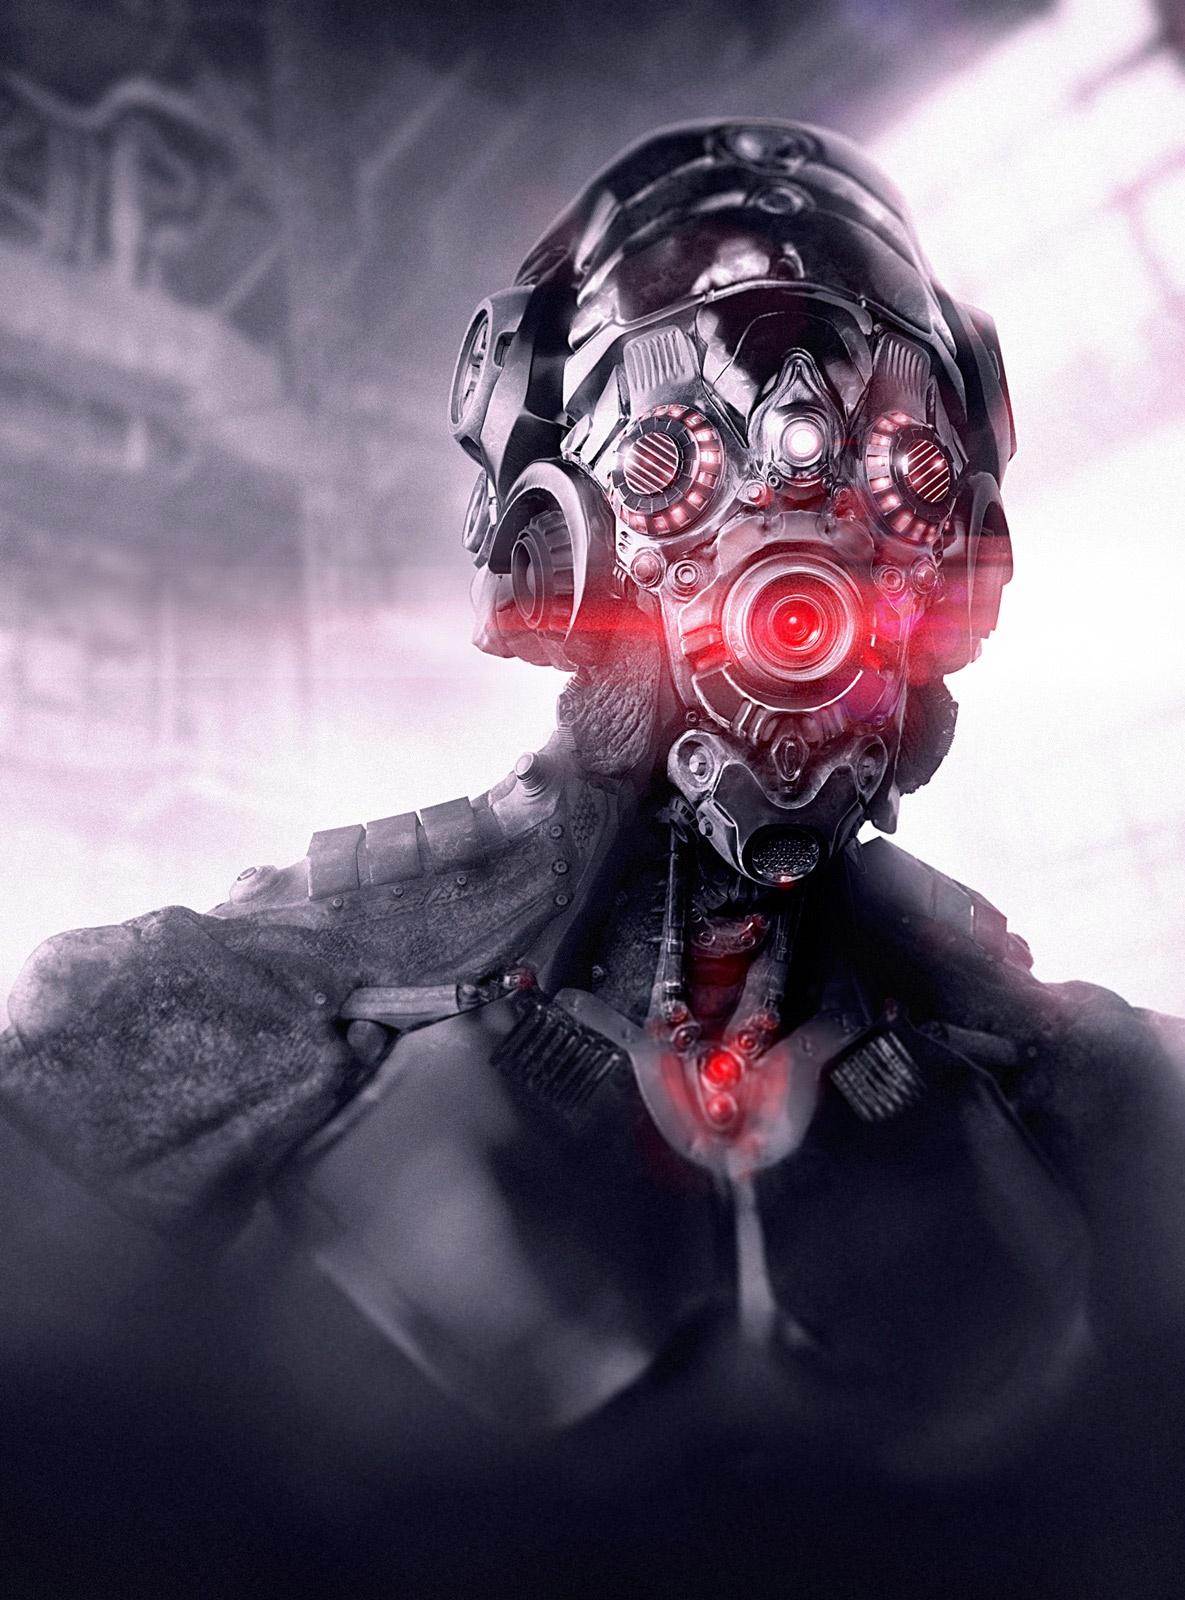 Alien cyborg by James Suret